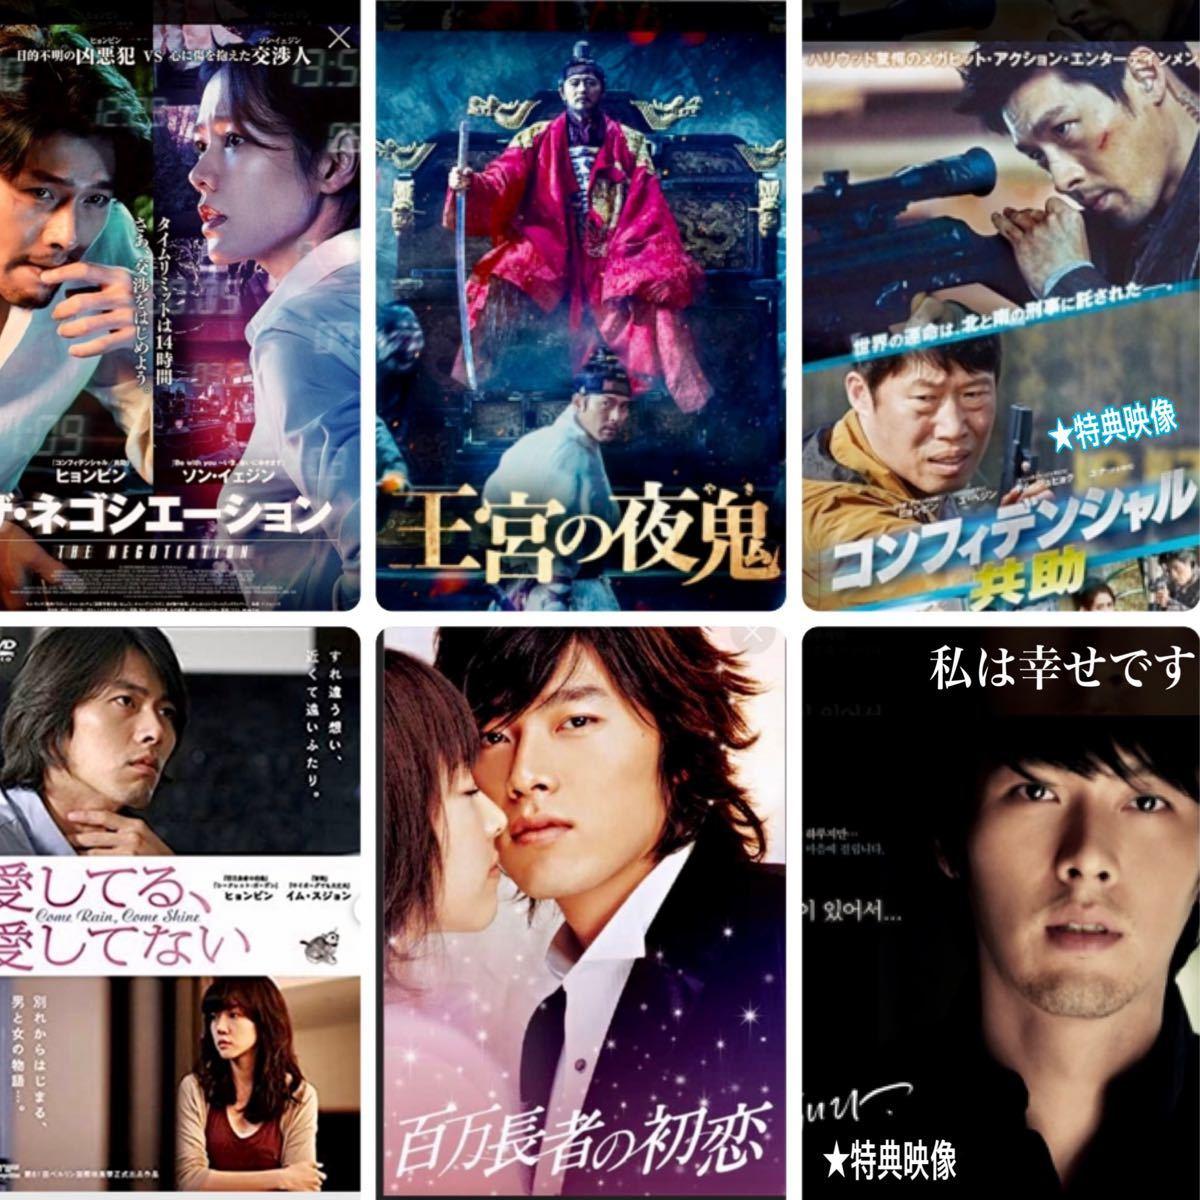 ヒョンビン 人気映画6作品 DVDセット